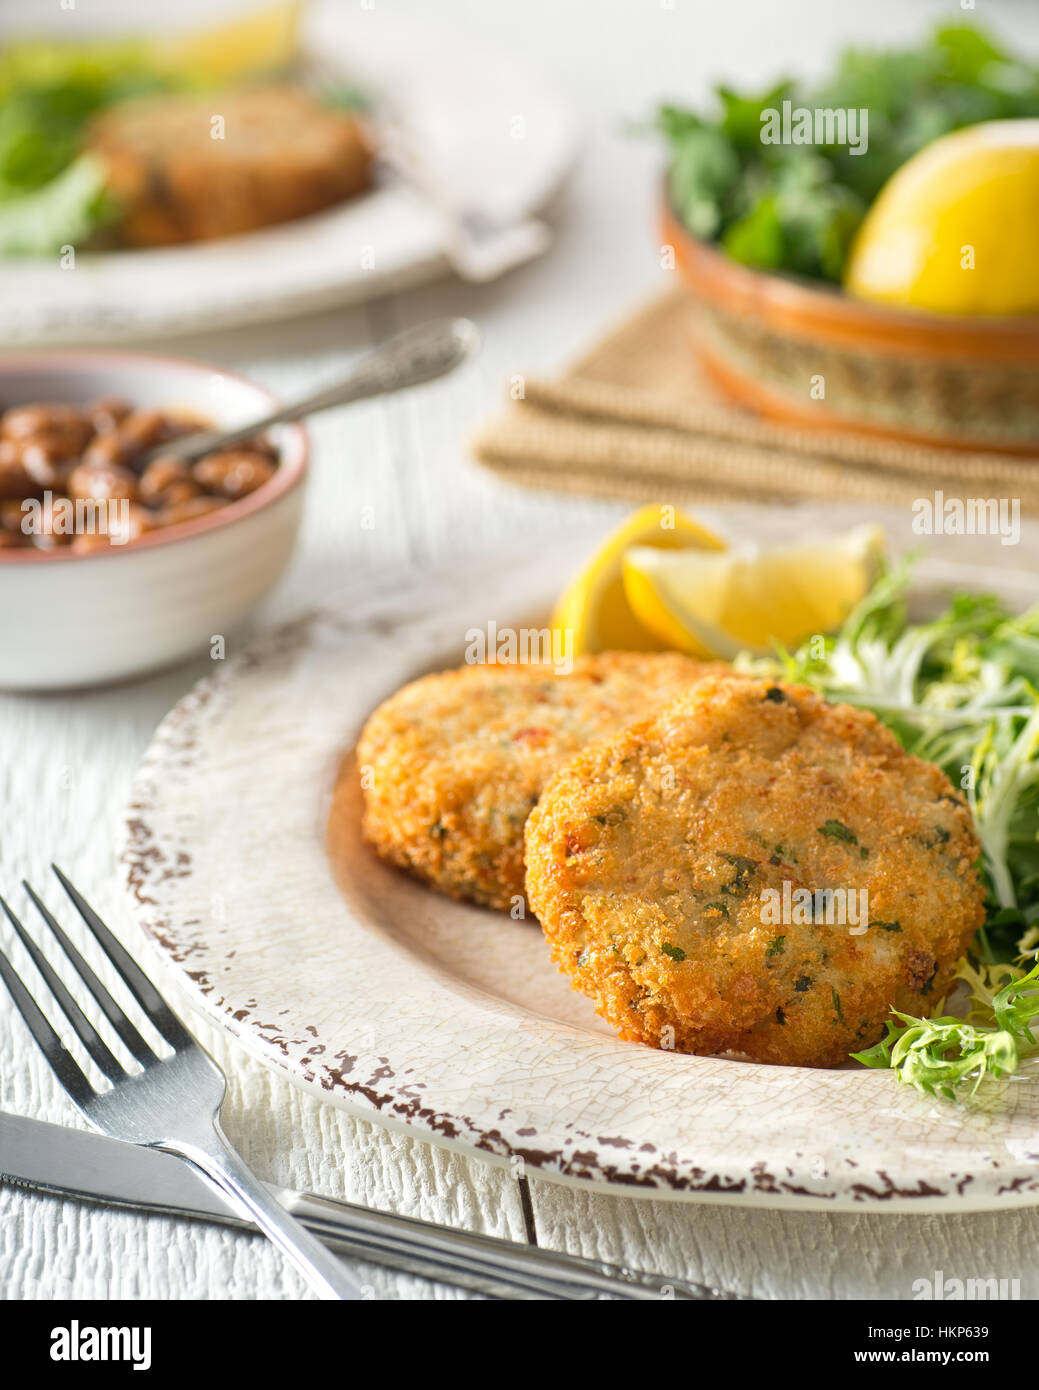 Deliziosi piatti fatti in casa pesce impanati torte con fagioli al forno. Immagini Stock